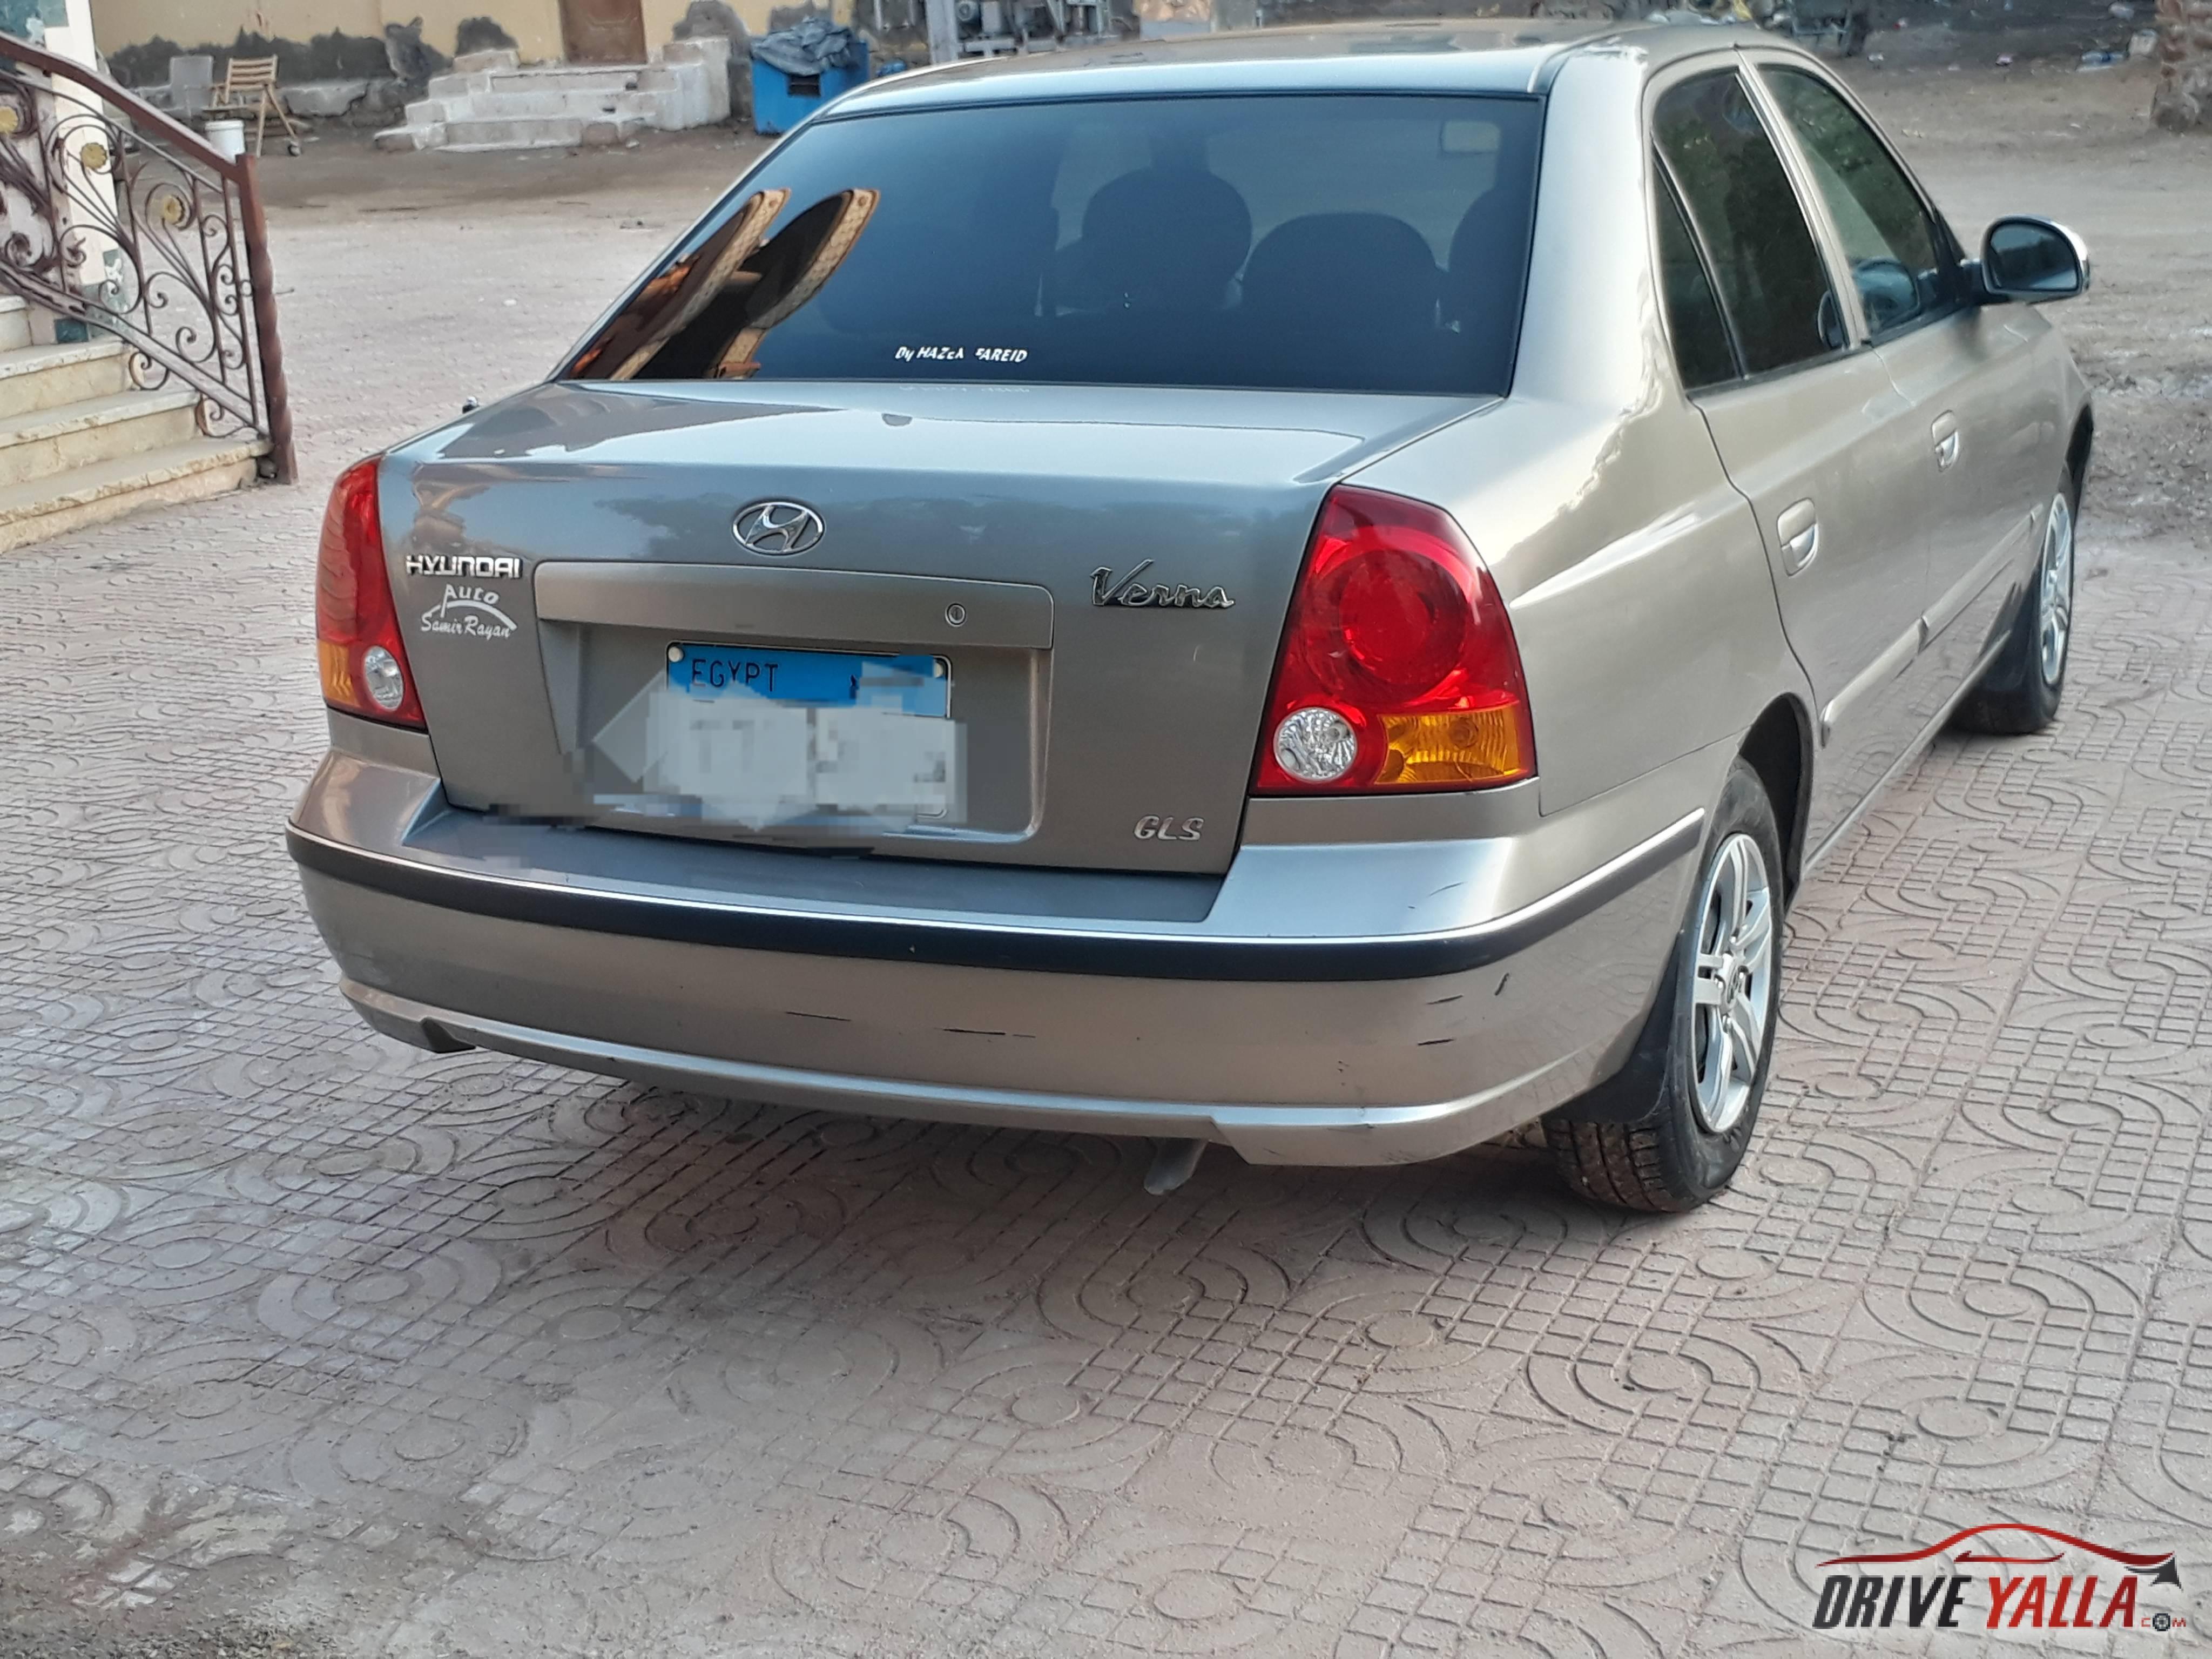 العلامة سيارات هيونداي فيرنا للبيع في مصر أفضل الصور